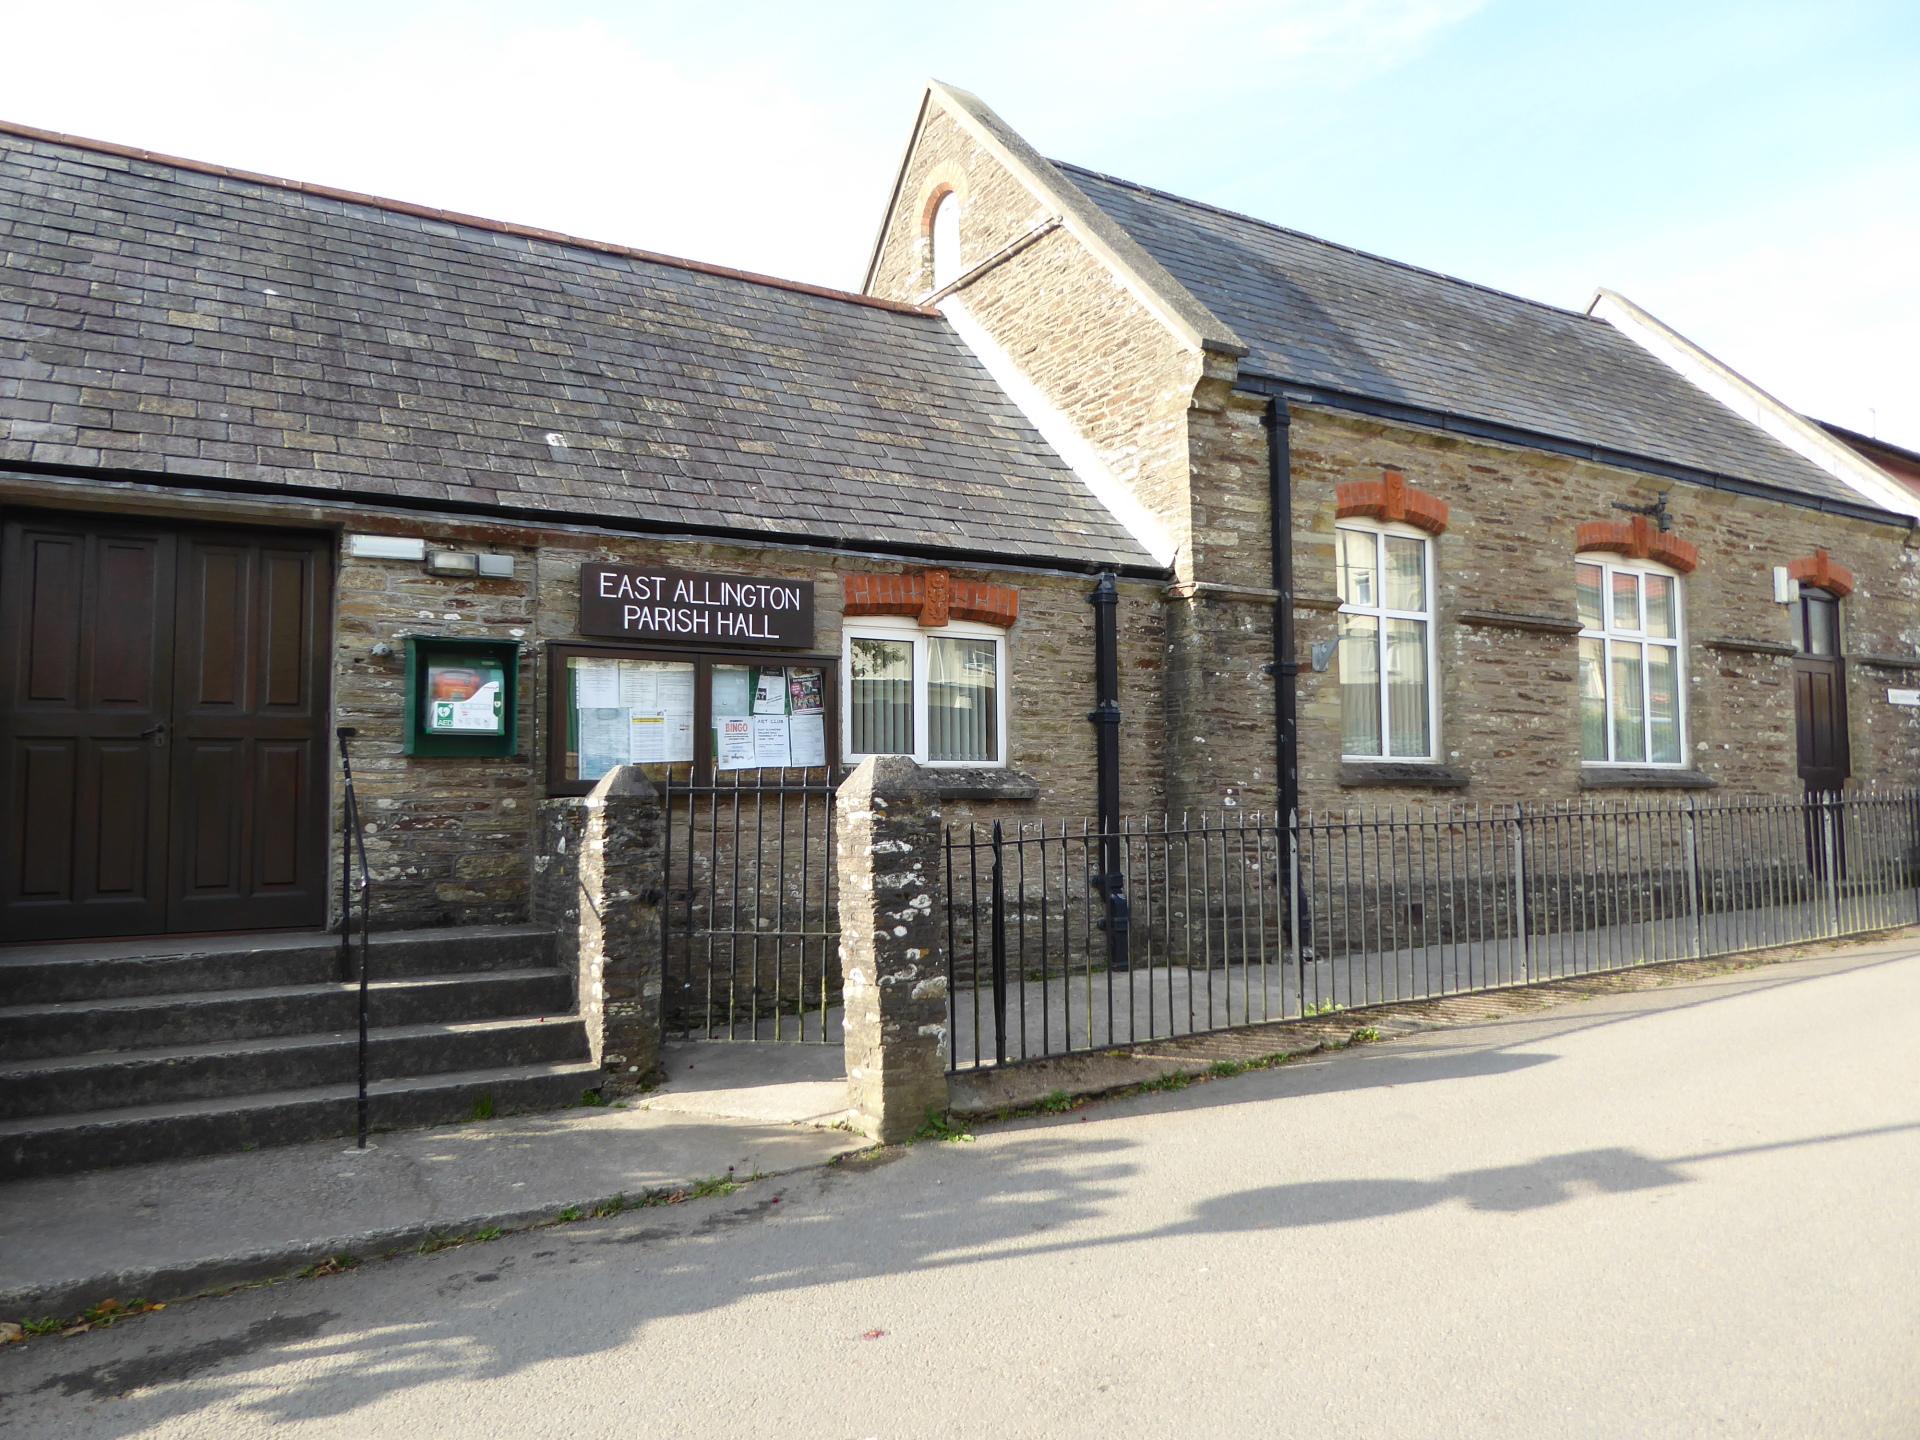 Classes at East Allington Village Hall